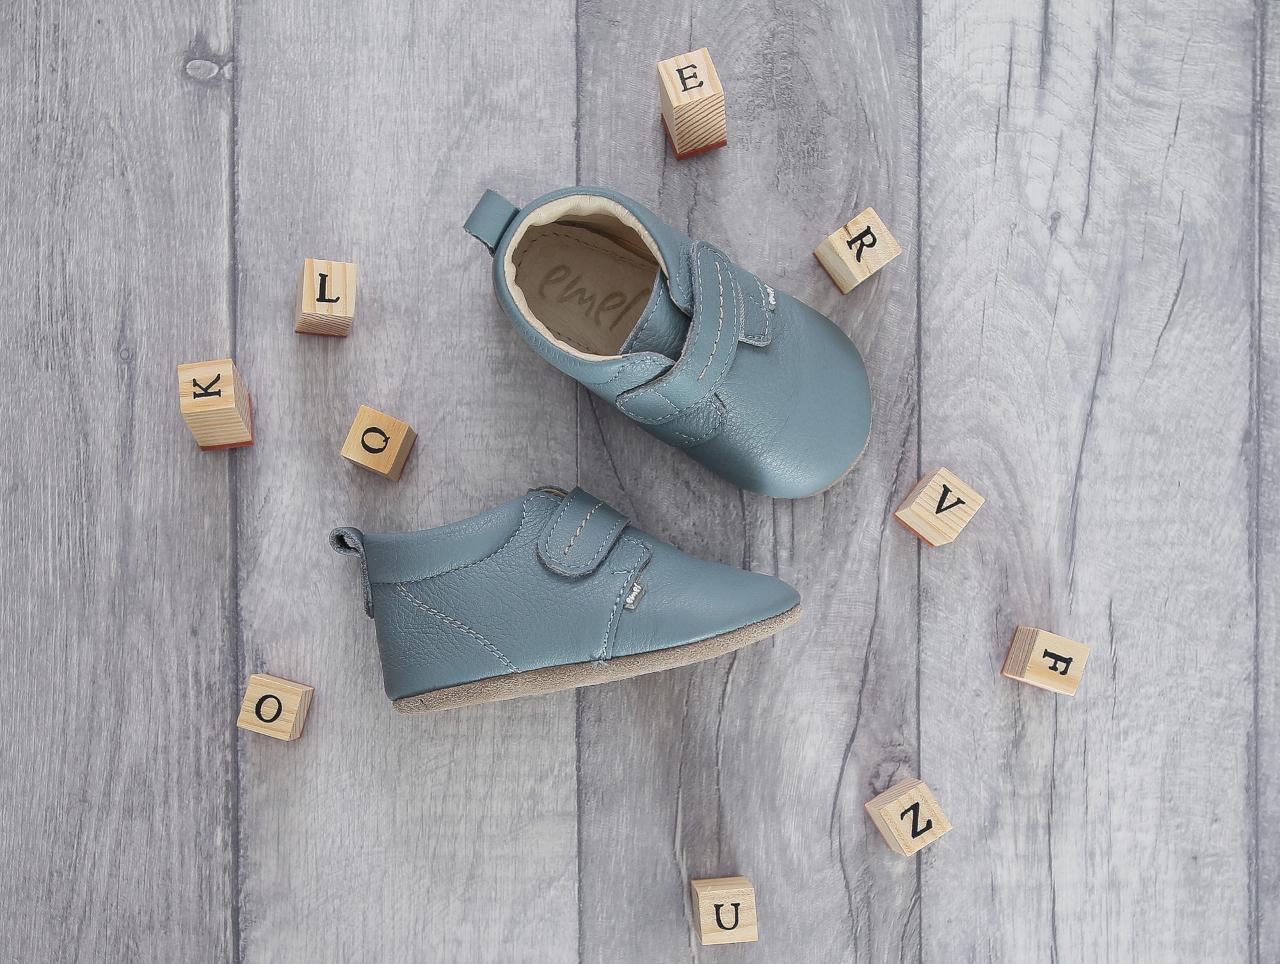 buty do nauki chodzenia,jak dobrać buty dla dziecka, pierwsze buty dla malucha,pierwsze buty dla dziecka